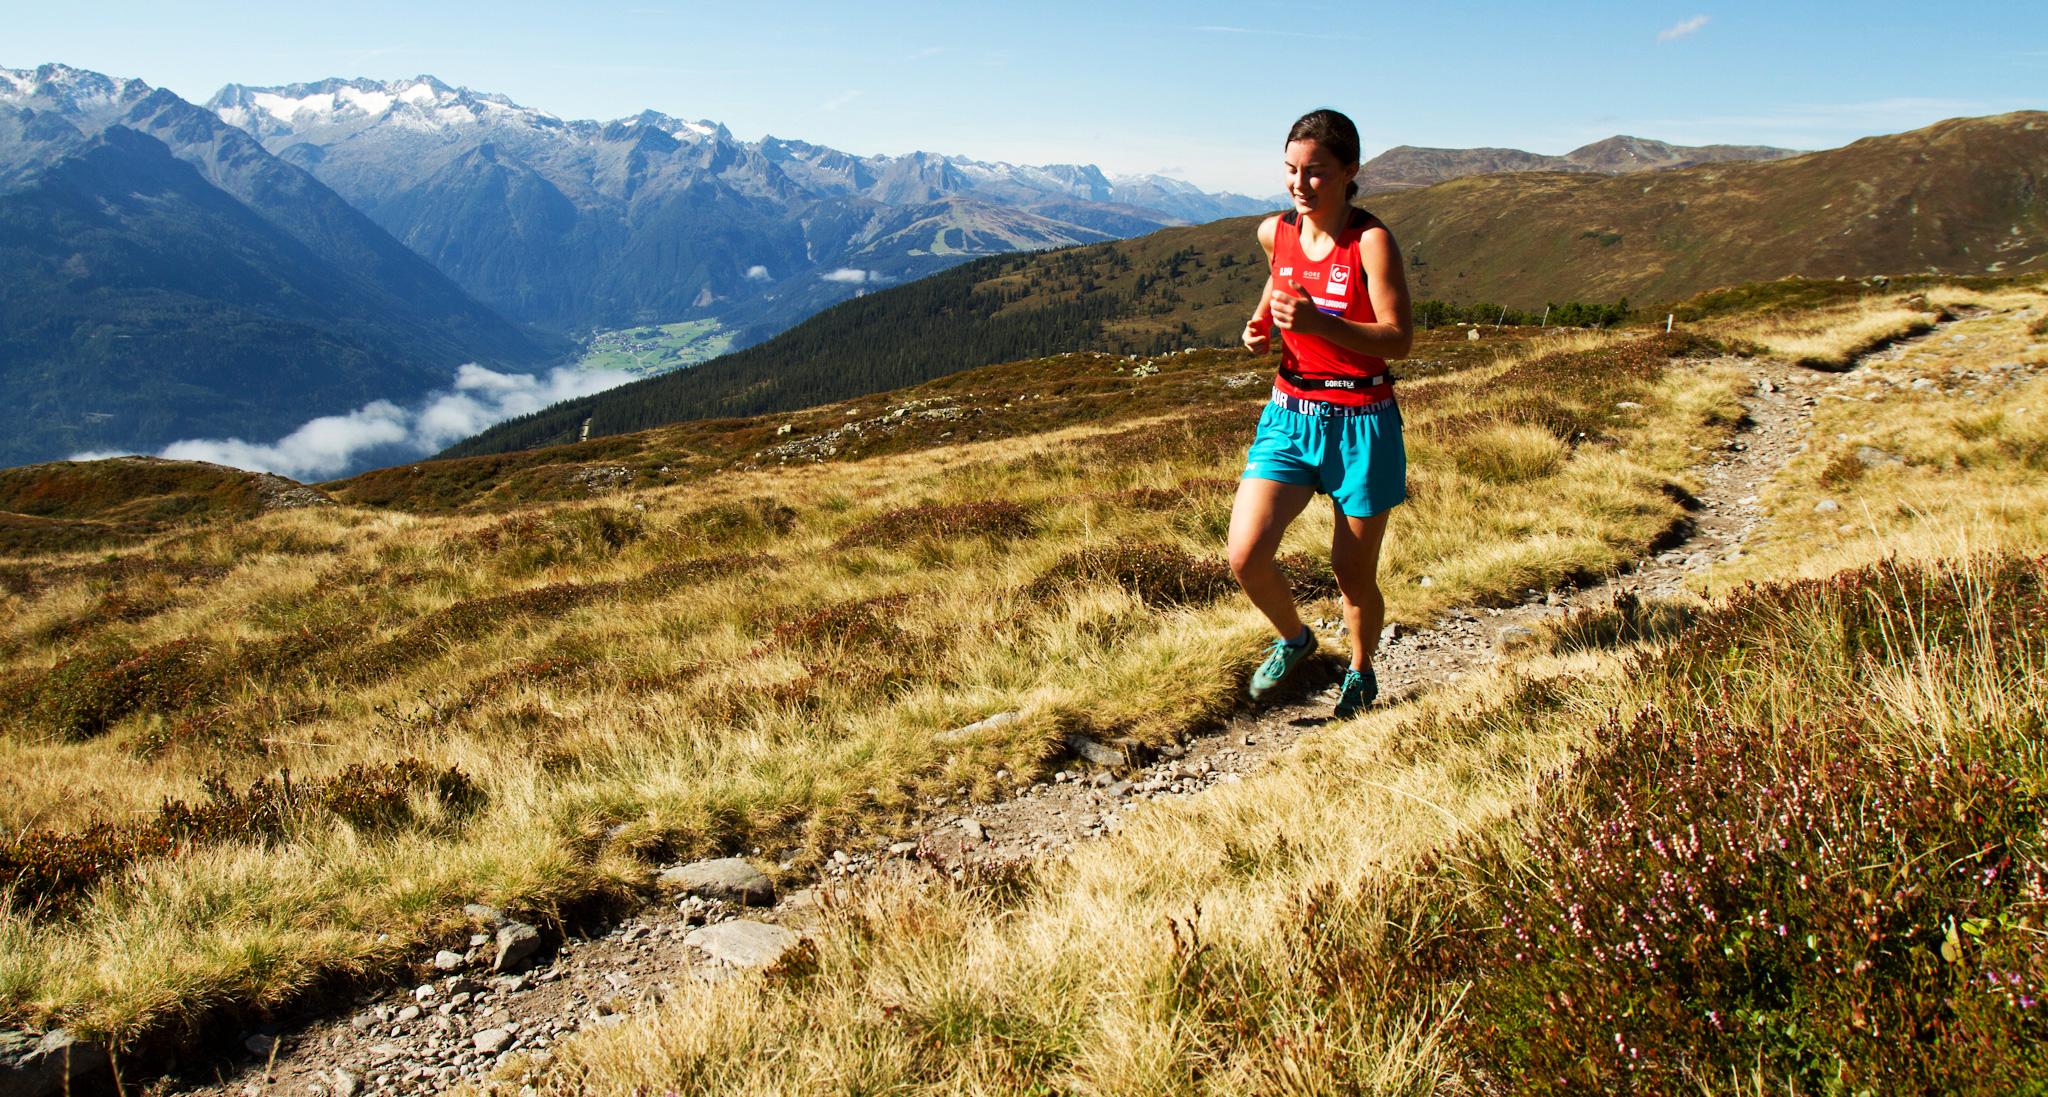 Scott Woman's Trail